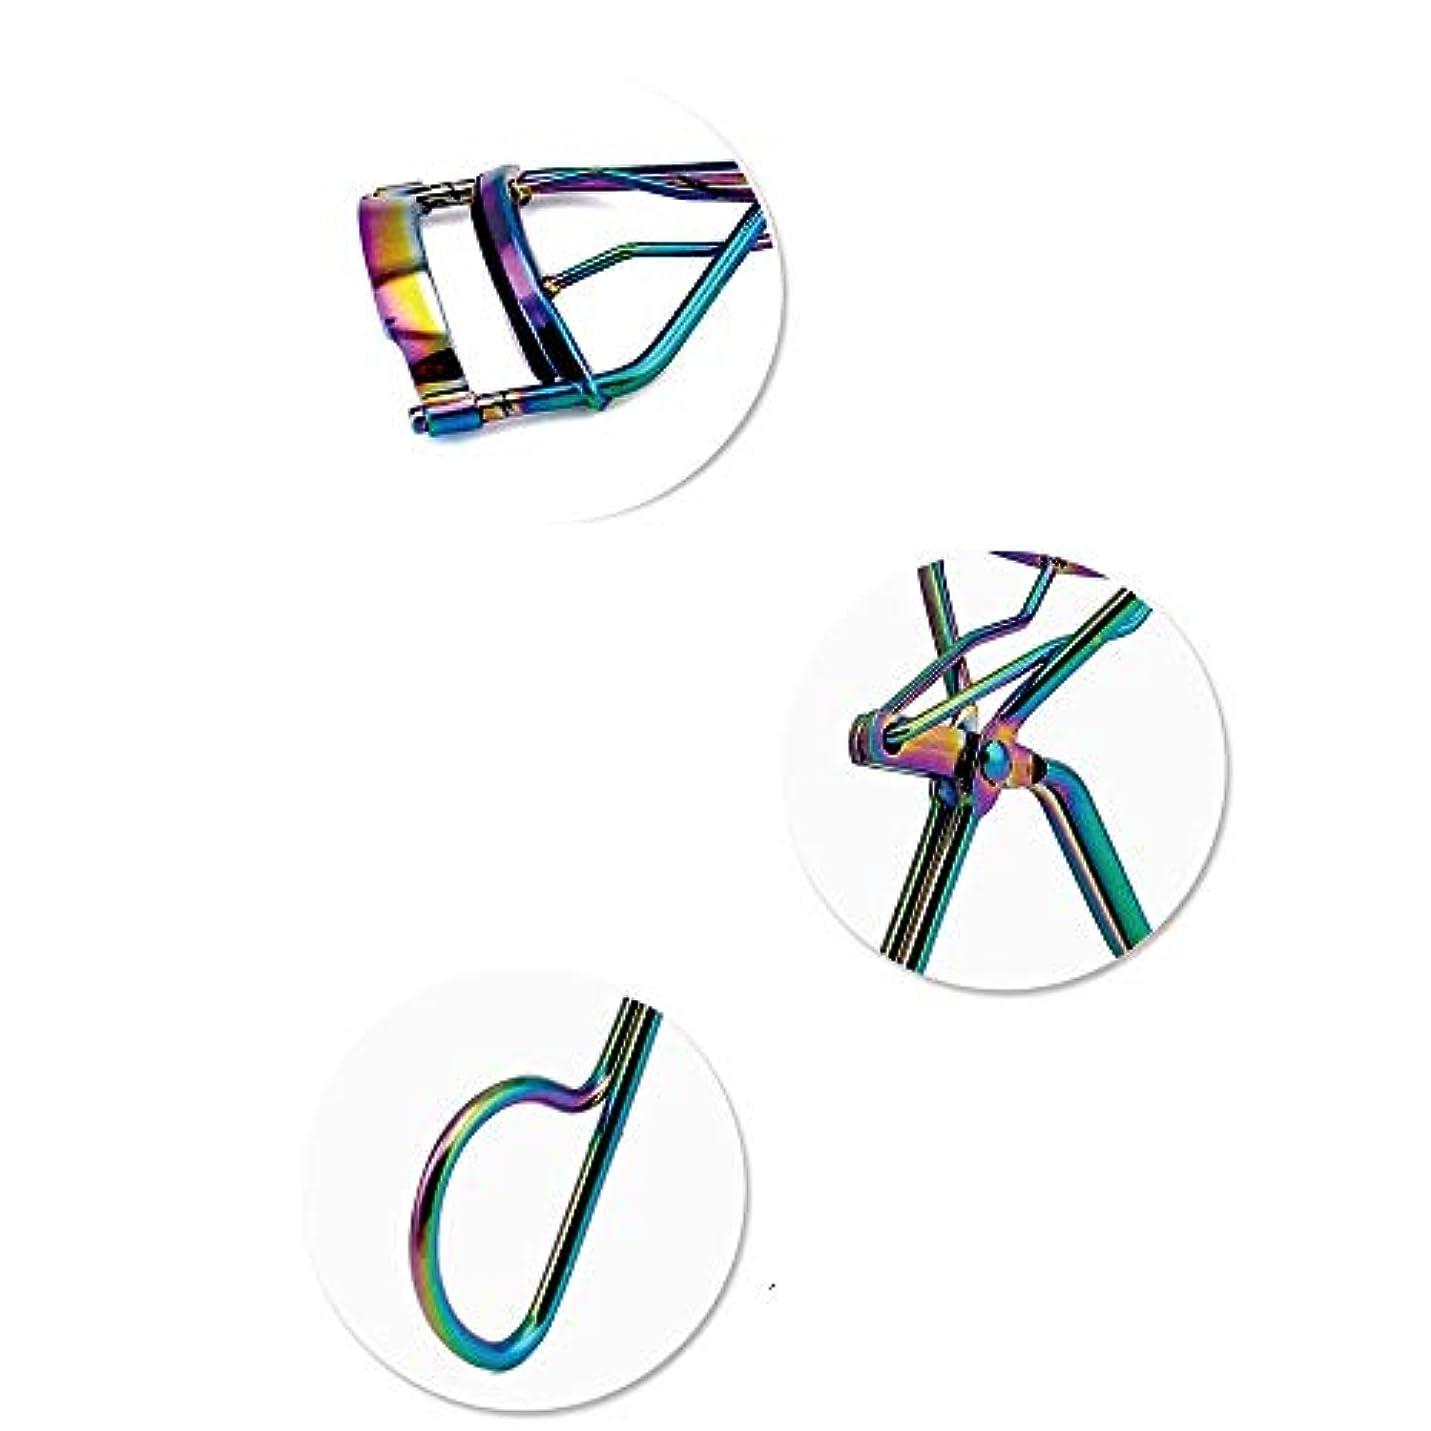 タール検体スプリットプロフェッショナルハンドルアイカーリングまつげカーラークリップ美容メイクツール新機能